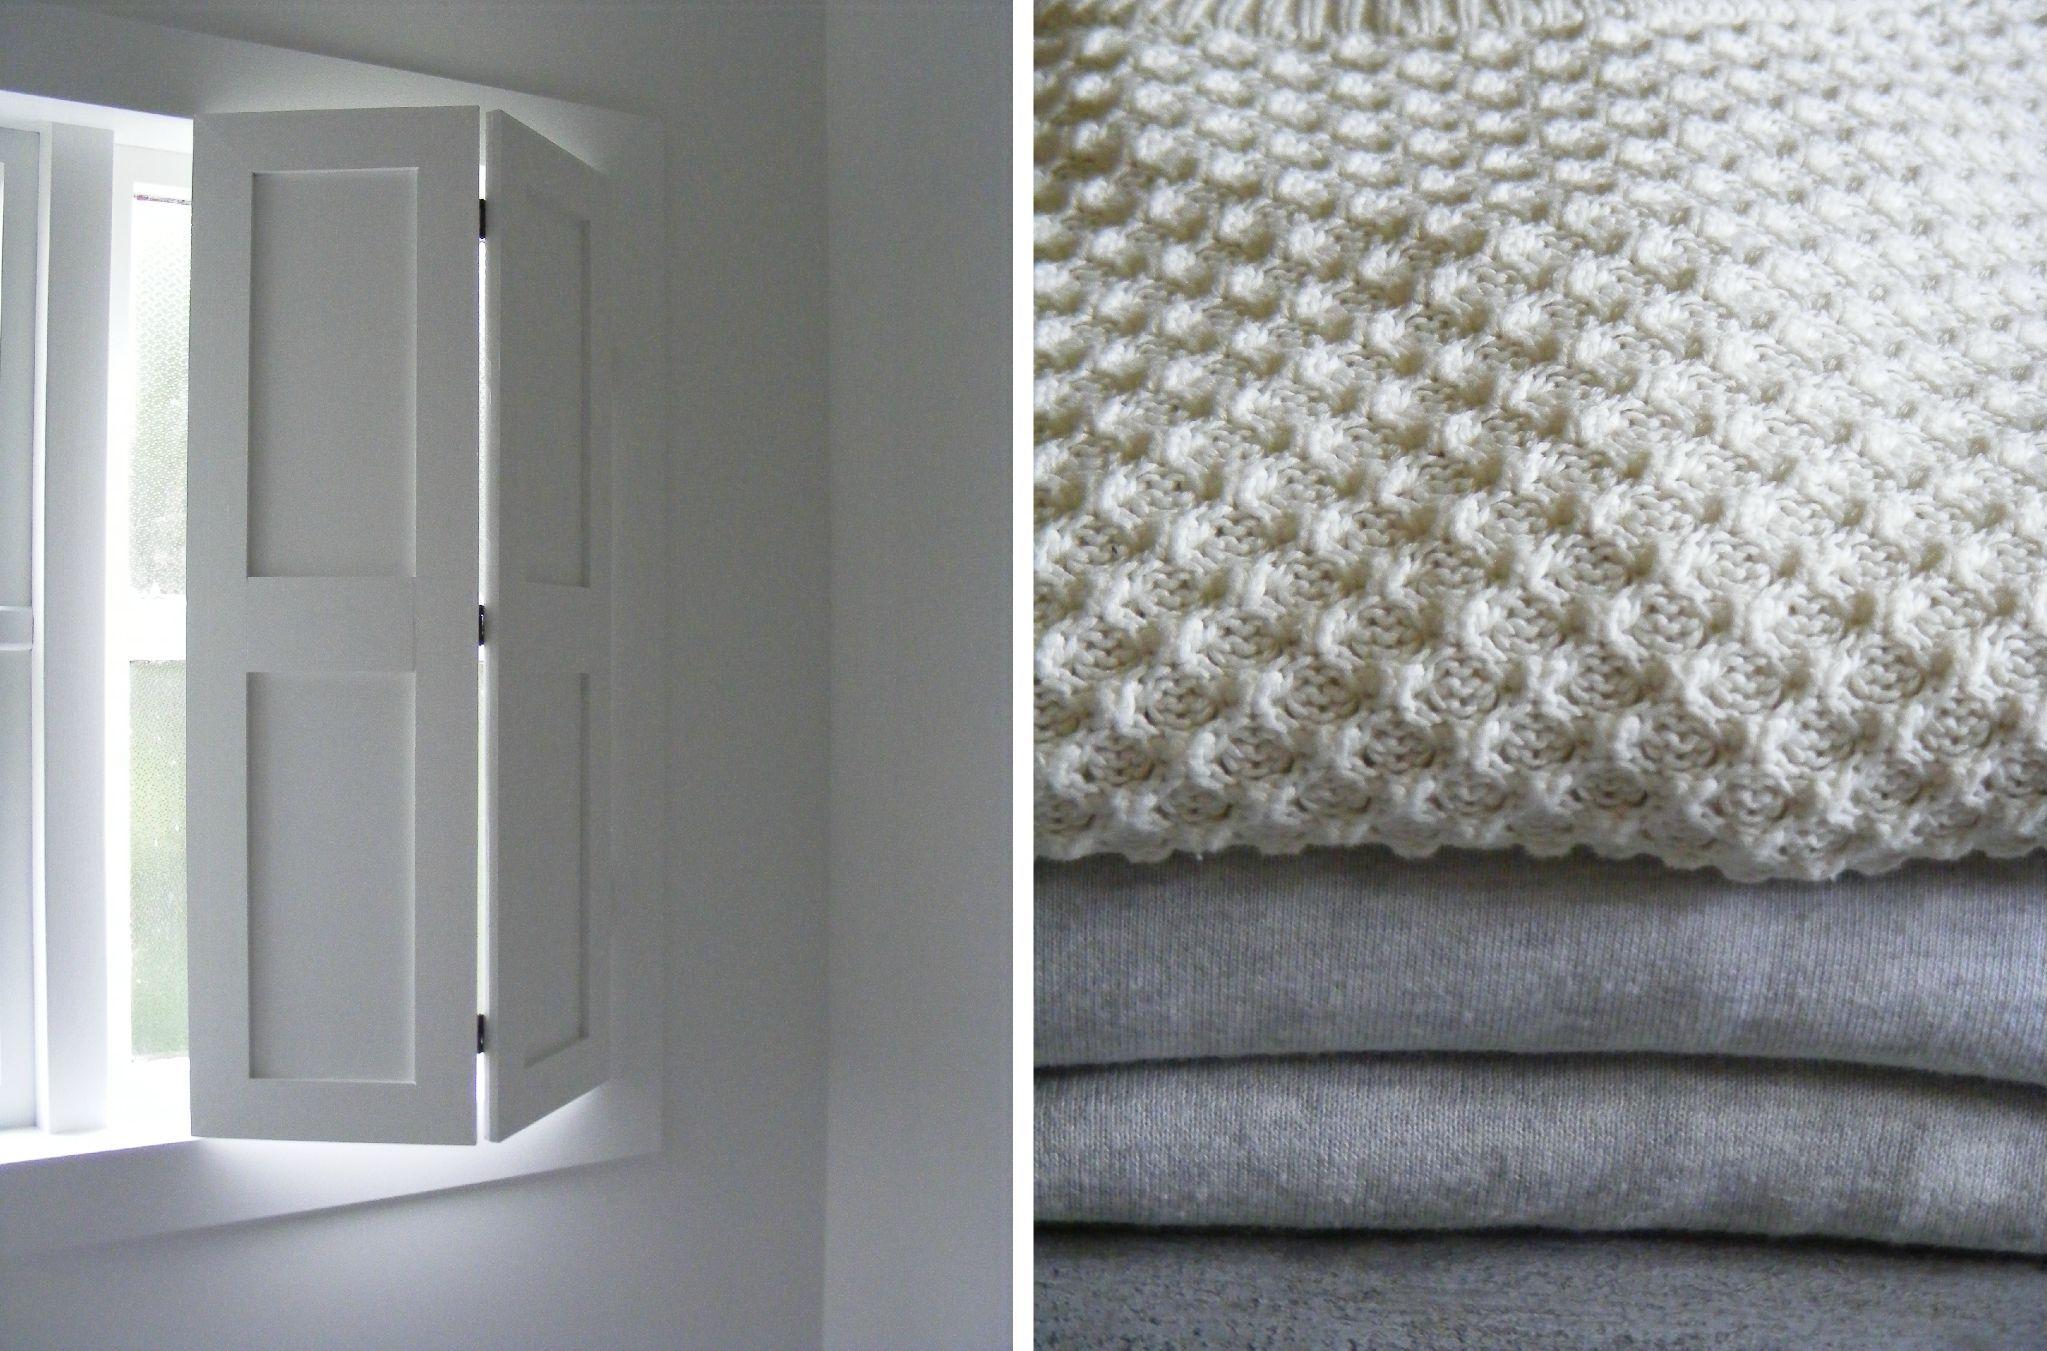 volet d'interieur | Volets intérieurs, Idées pour la maison et Maison